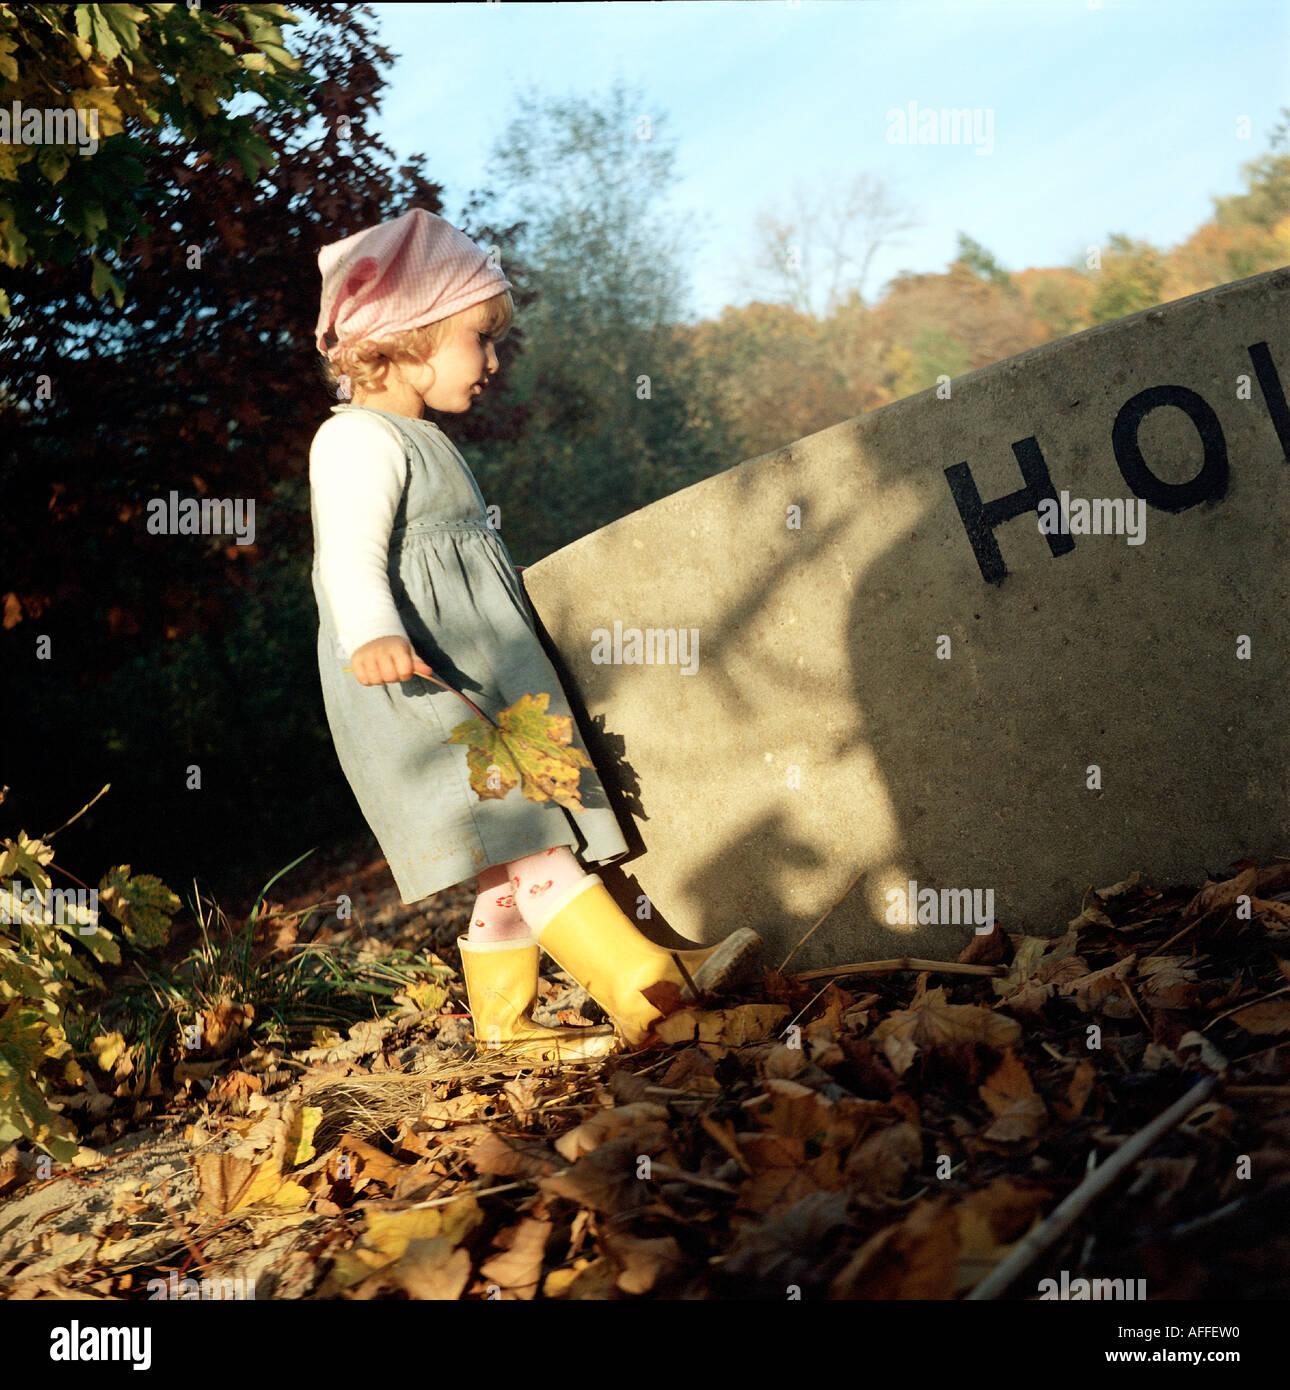 bcvr 50 4126 Zweijaehriges Kind spielt am Kinderstrand Wittenbergen an einer Betonroehre MR vorhanden - Stock Image